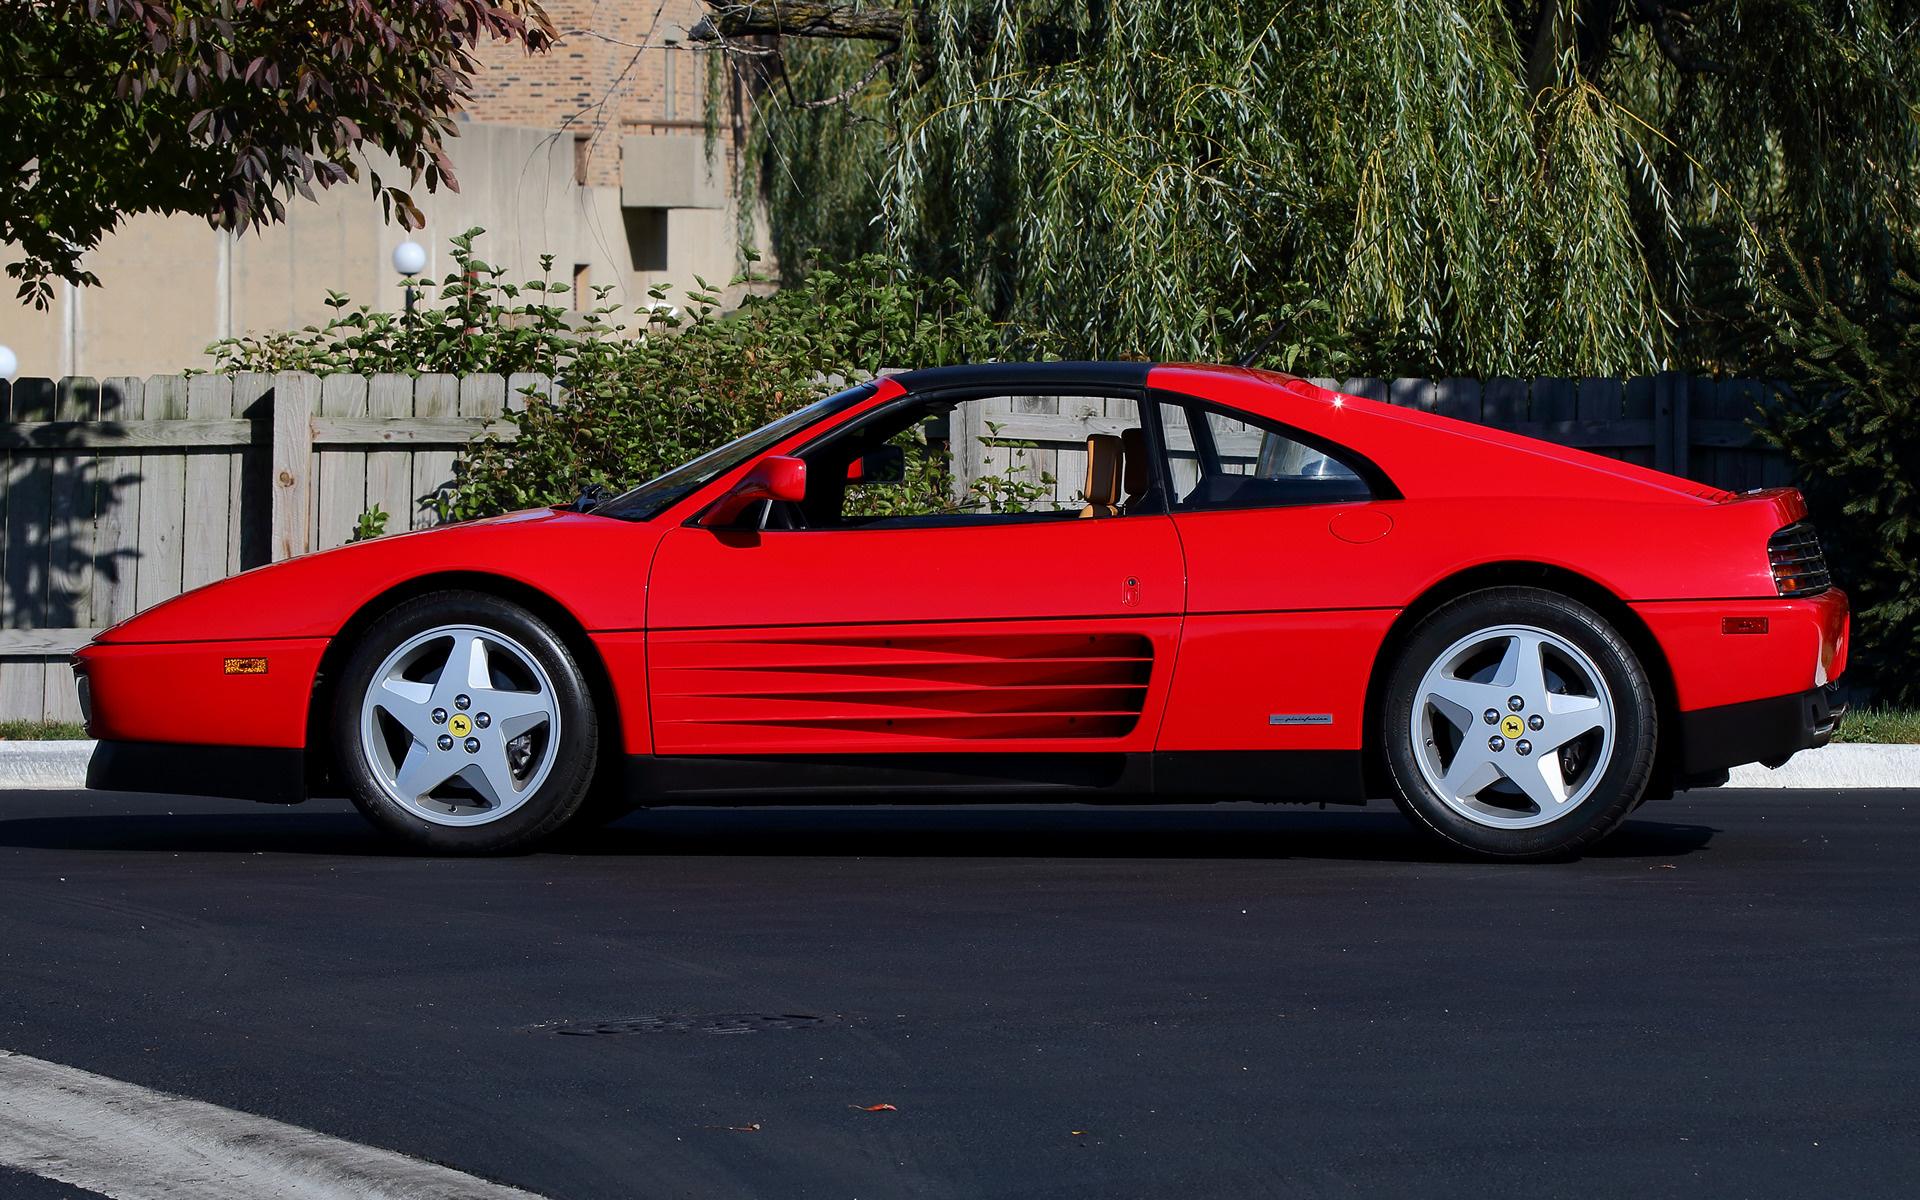 1989 Ferrari 348 Ts Us Fondos De Pantalla E Imágenes En